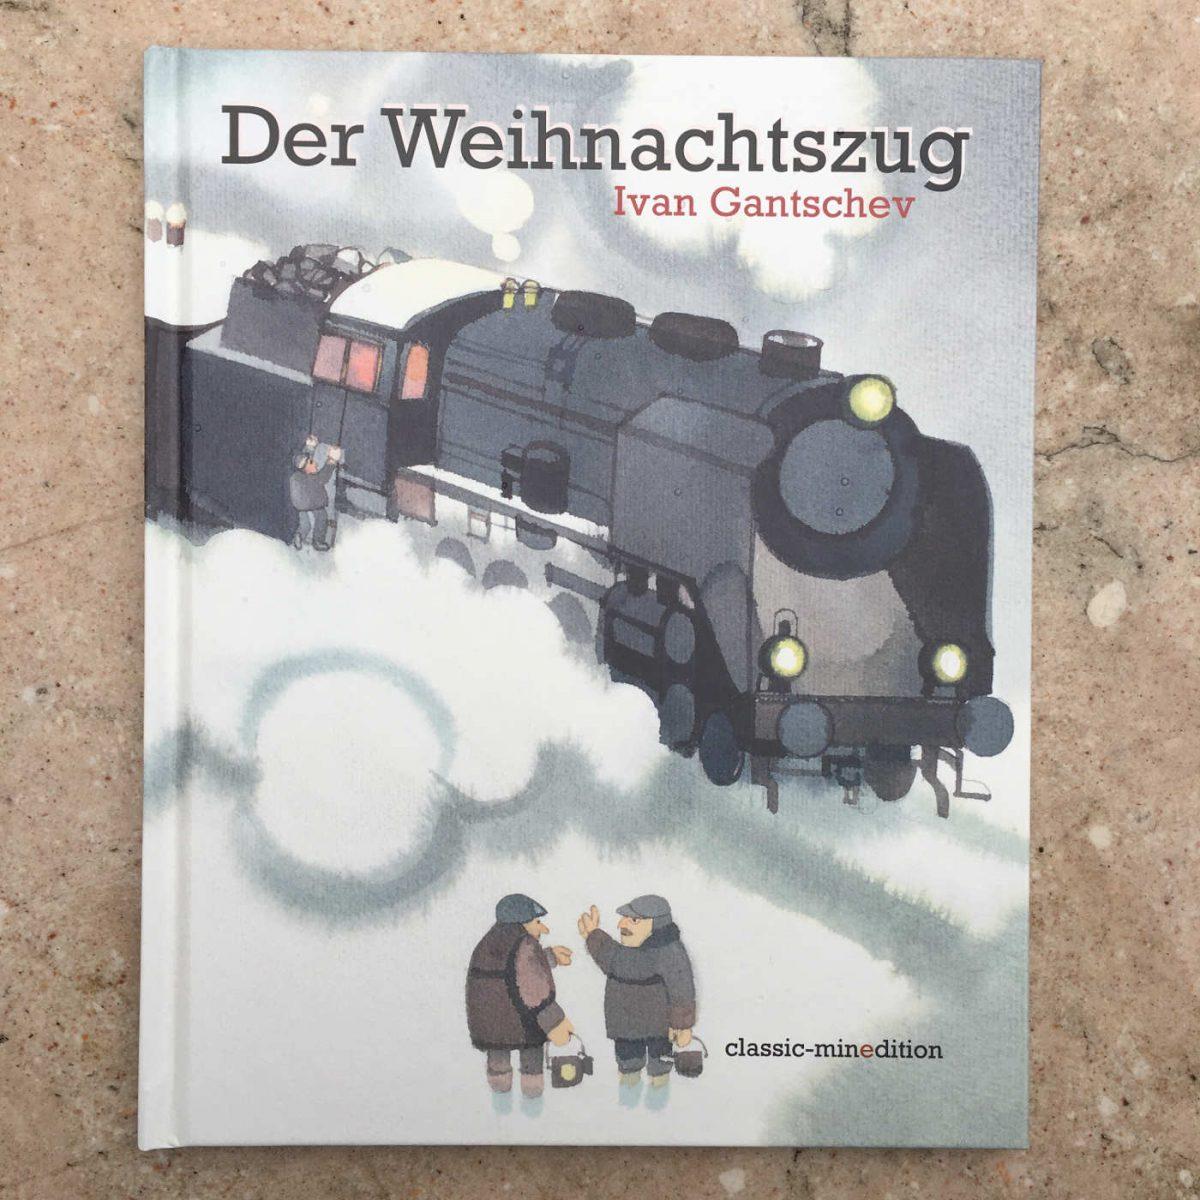 Ivan Gantschev: Der Weihnachtszug